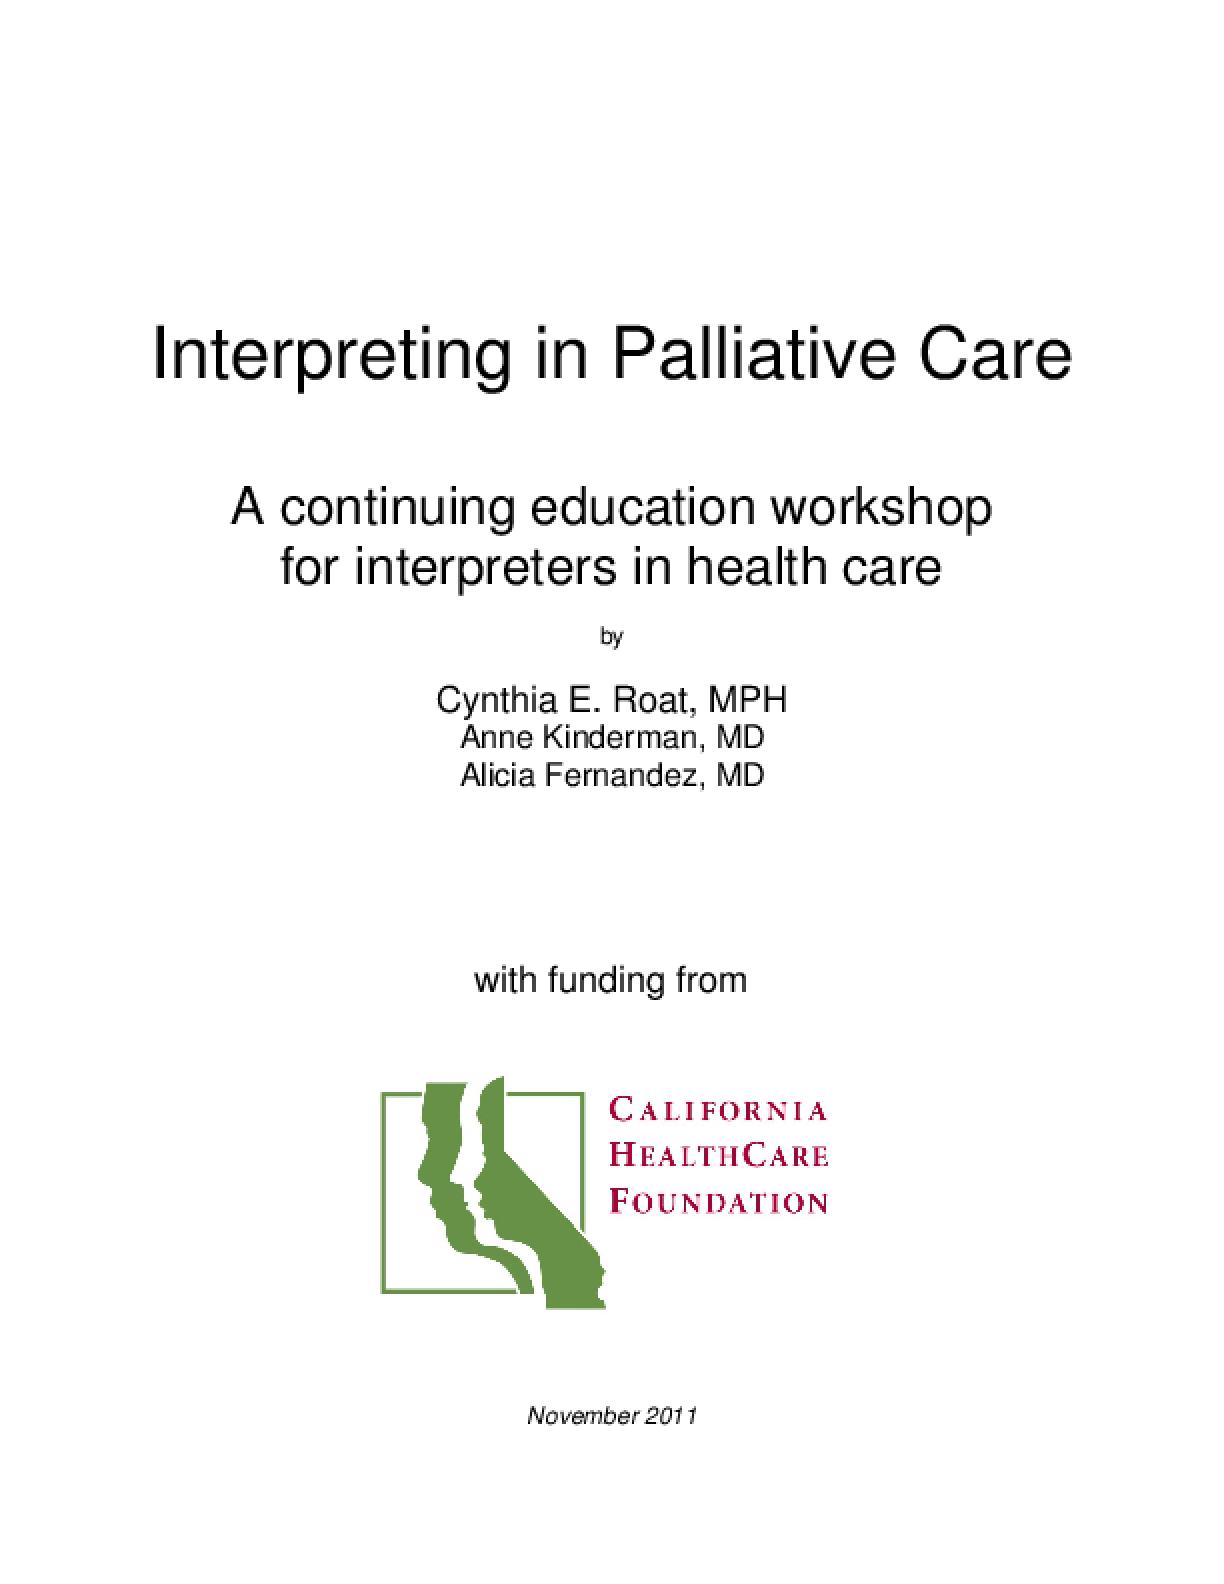 Interpreting in Palliative Care: A Continuing Education Workshop